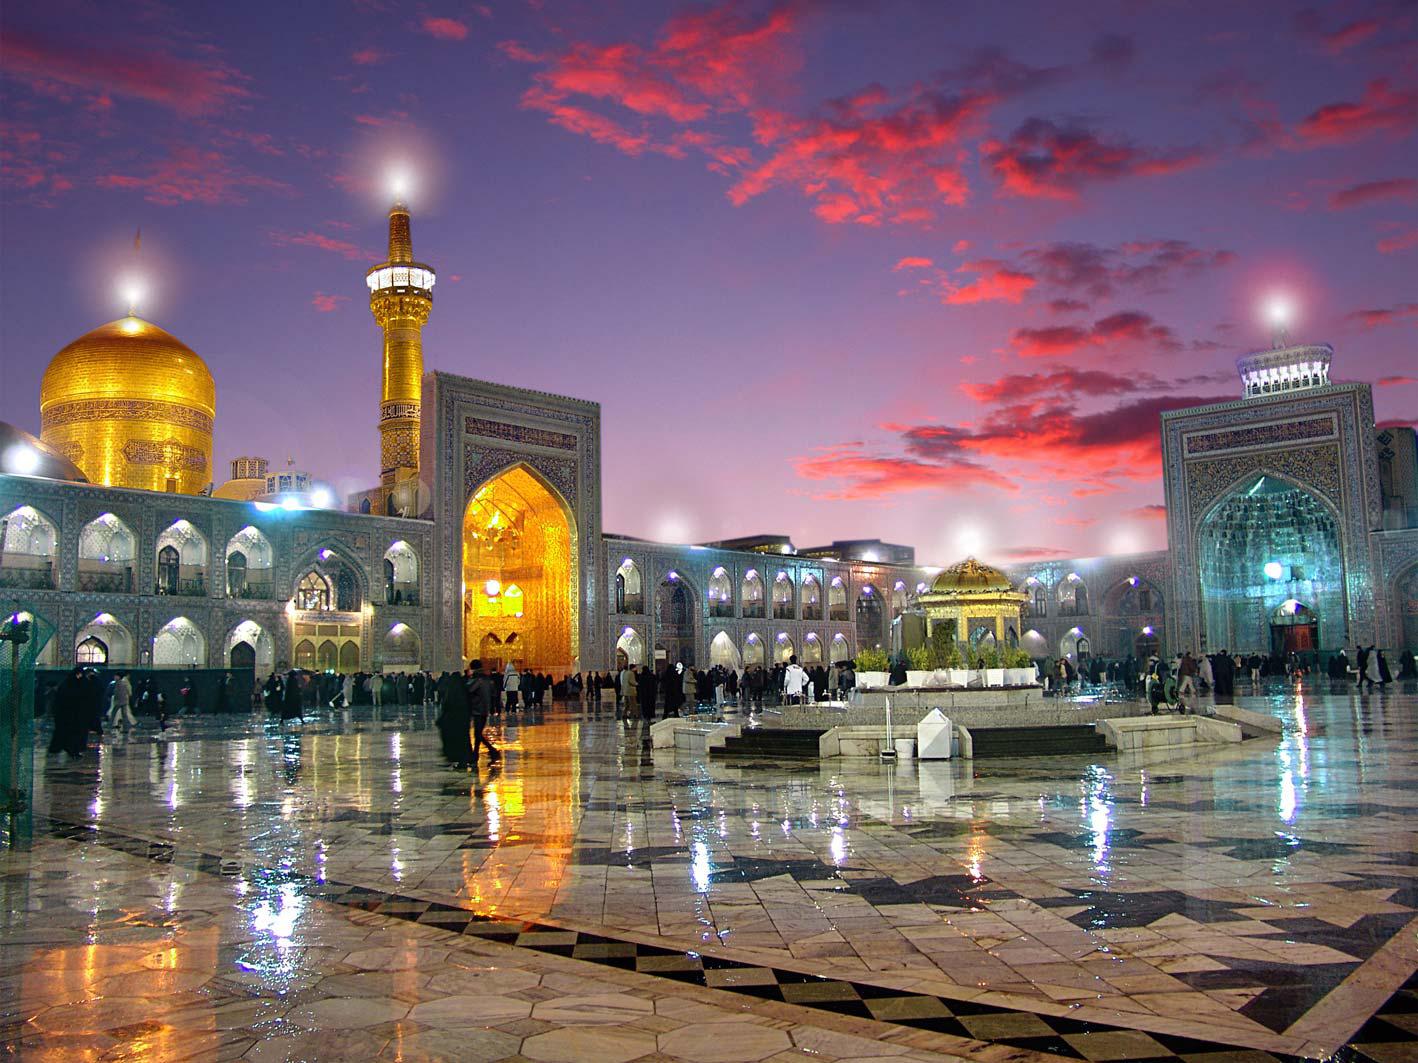 مسافرخانه شمس در مشهد | مشهدسرا - 1451